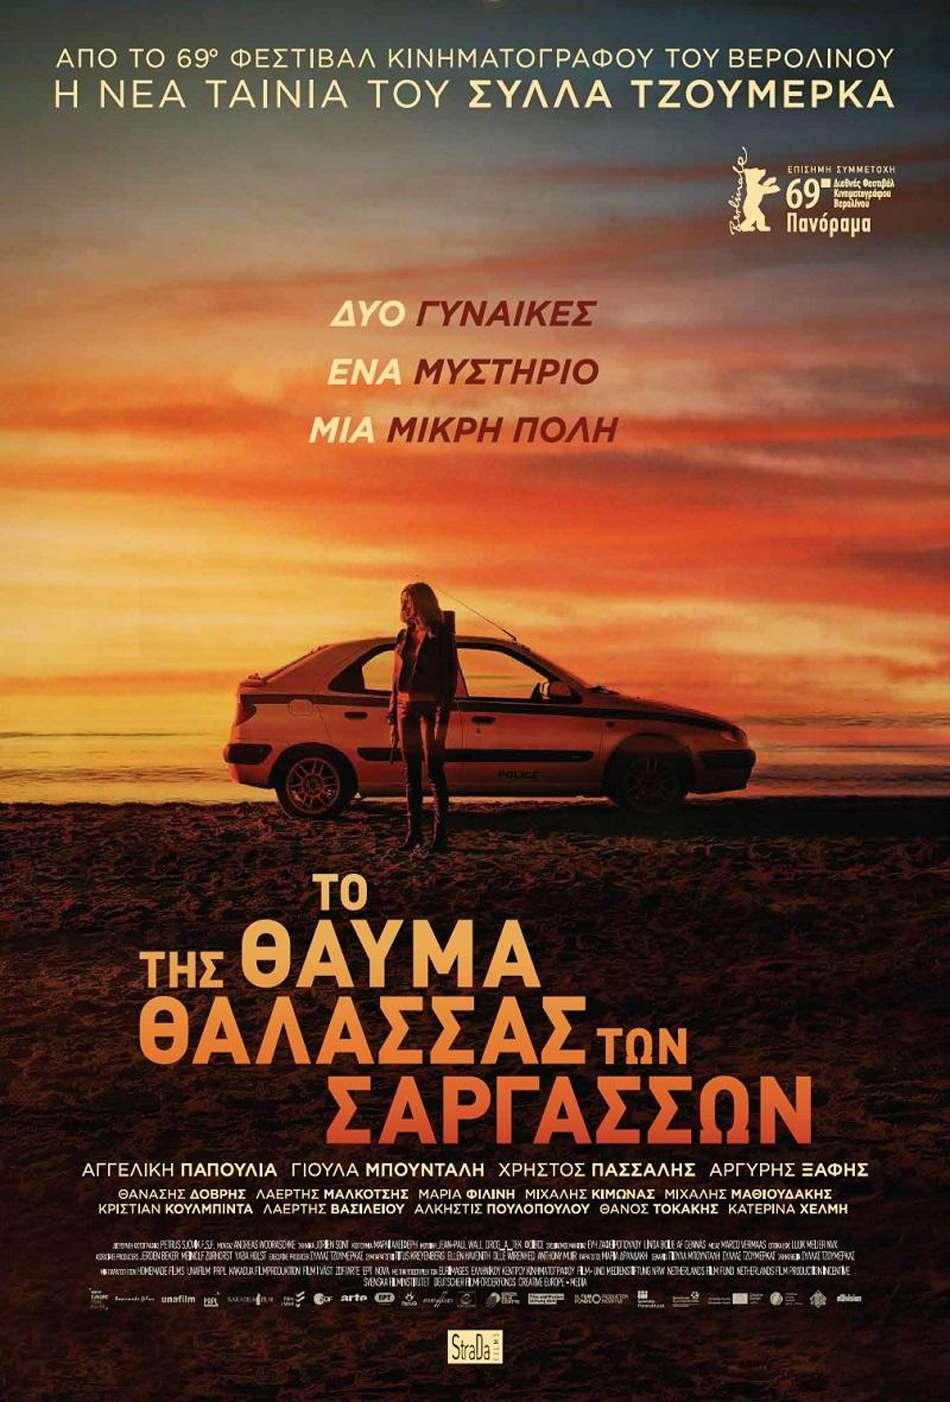 Το Θαύμα της Θάλασσας των Σαργασσών (The Miracle of the Sargasso Sea) - Trailer / Τρέιλερ Poster